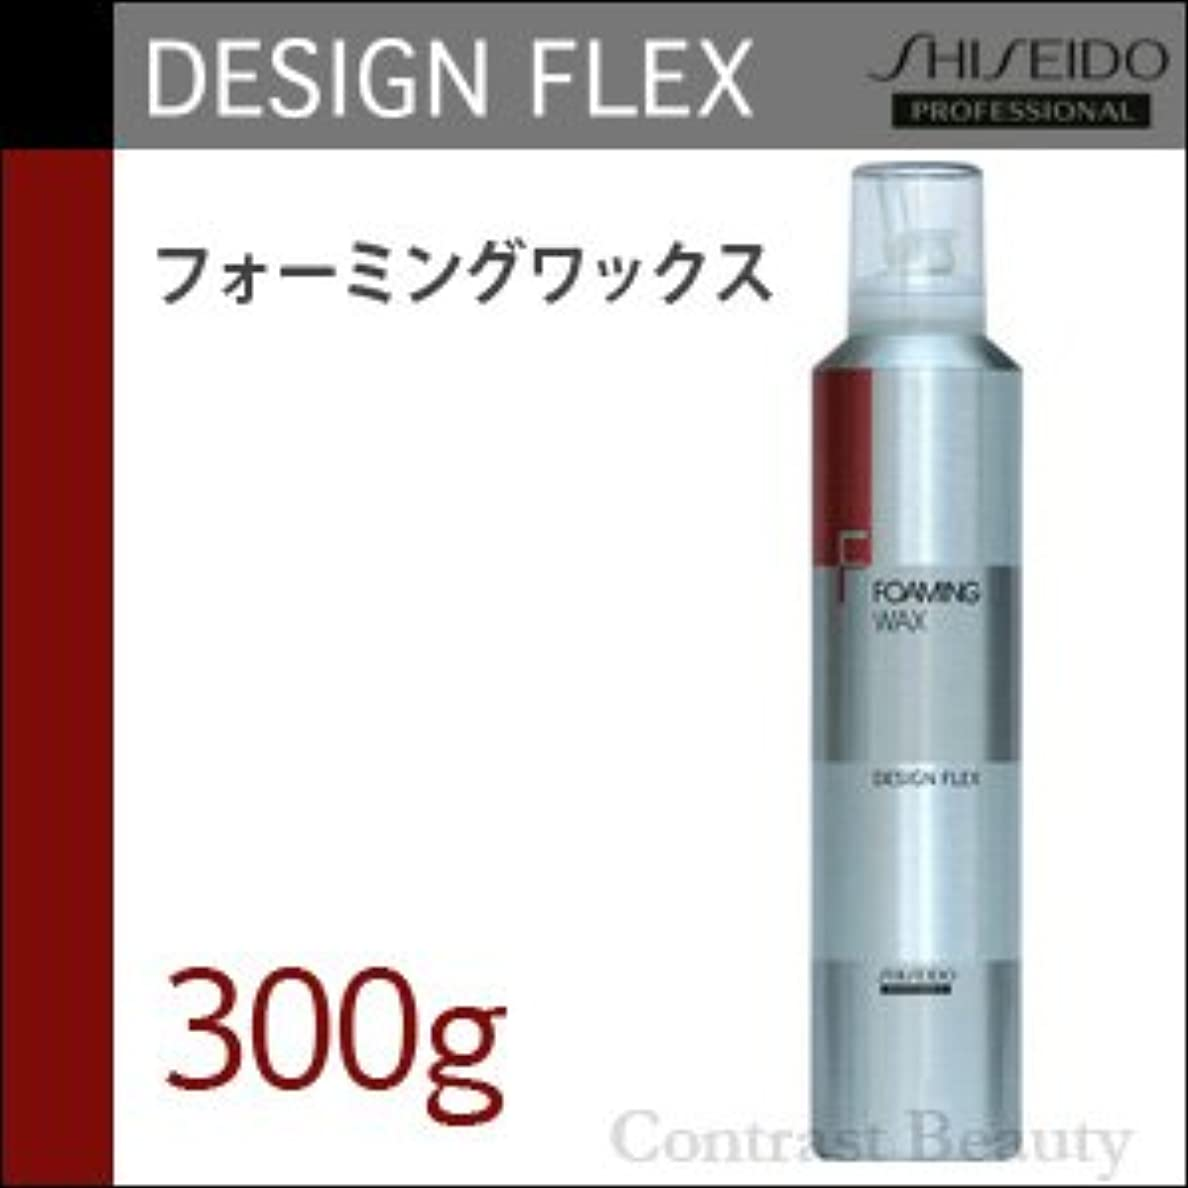 繊細灰現実には【x3個セット】 資生堂 デザインフレックス フォーミングワックス 300g